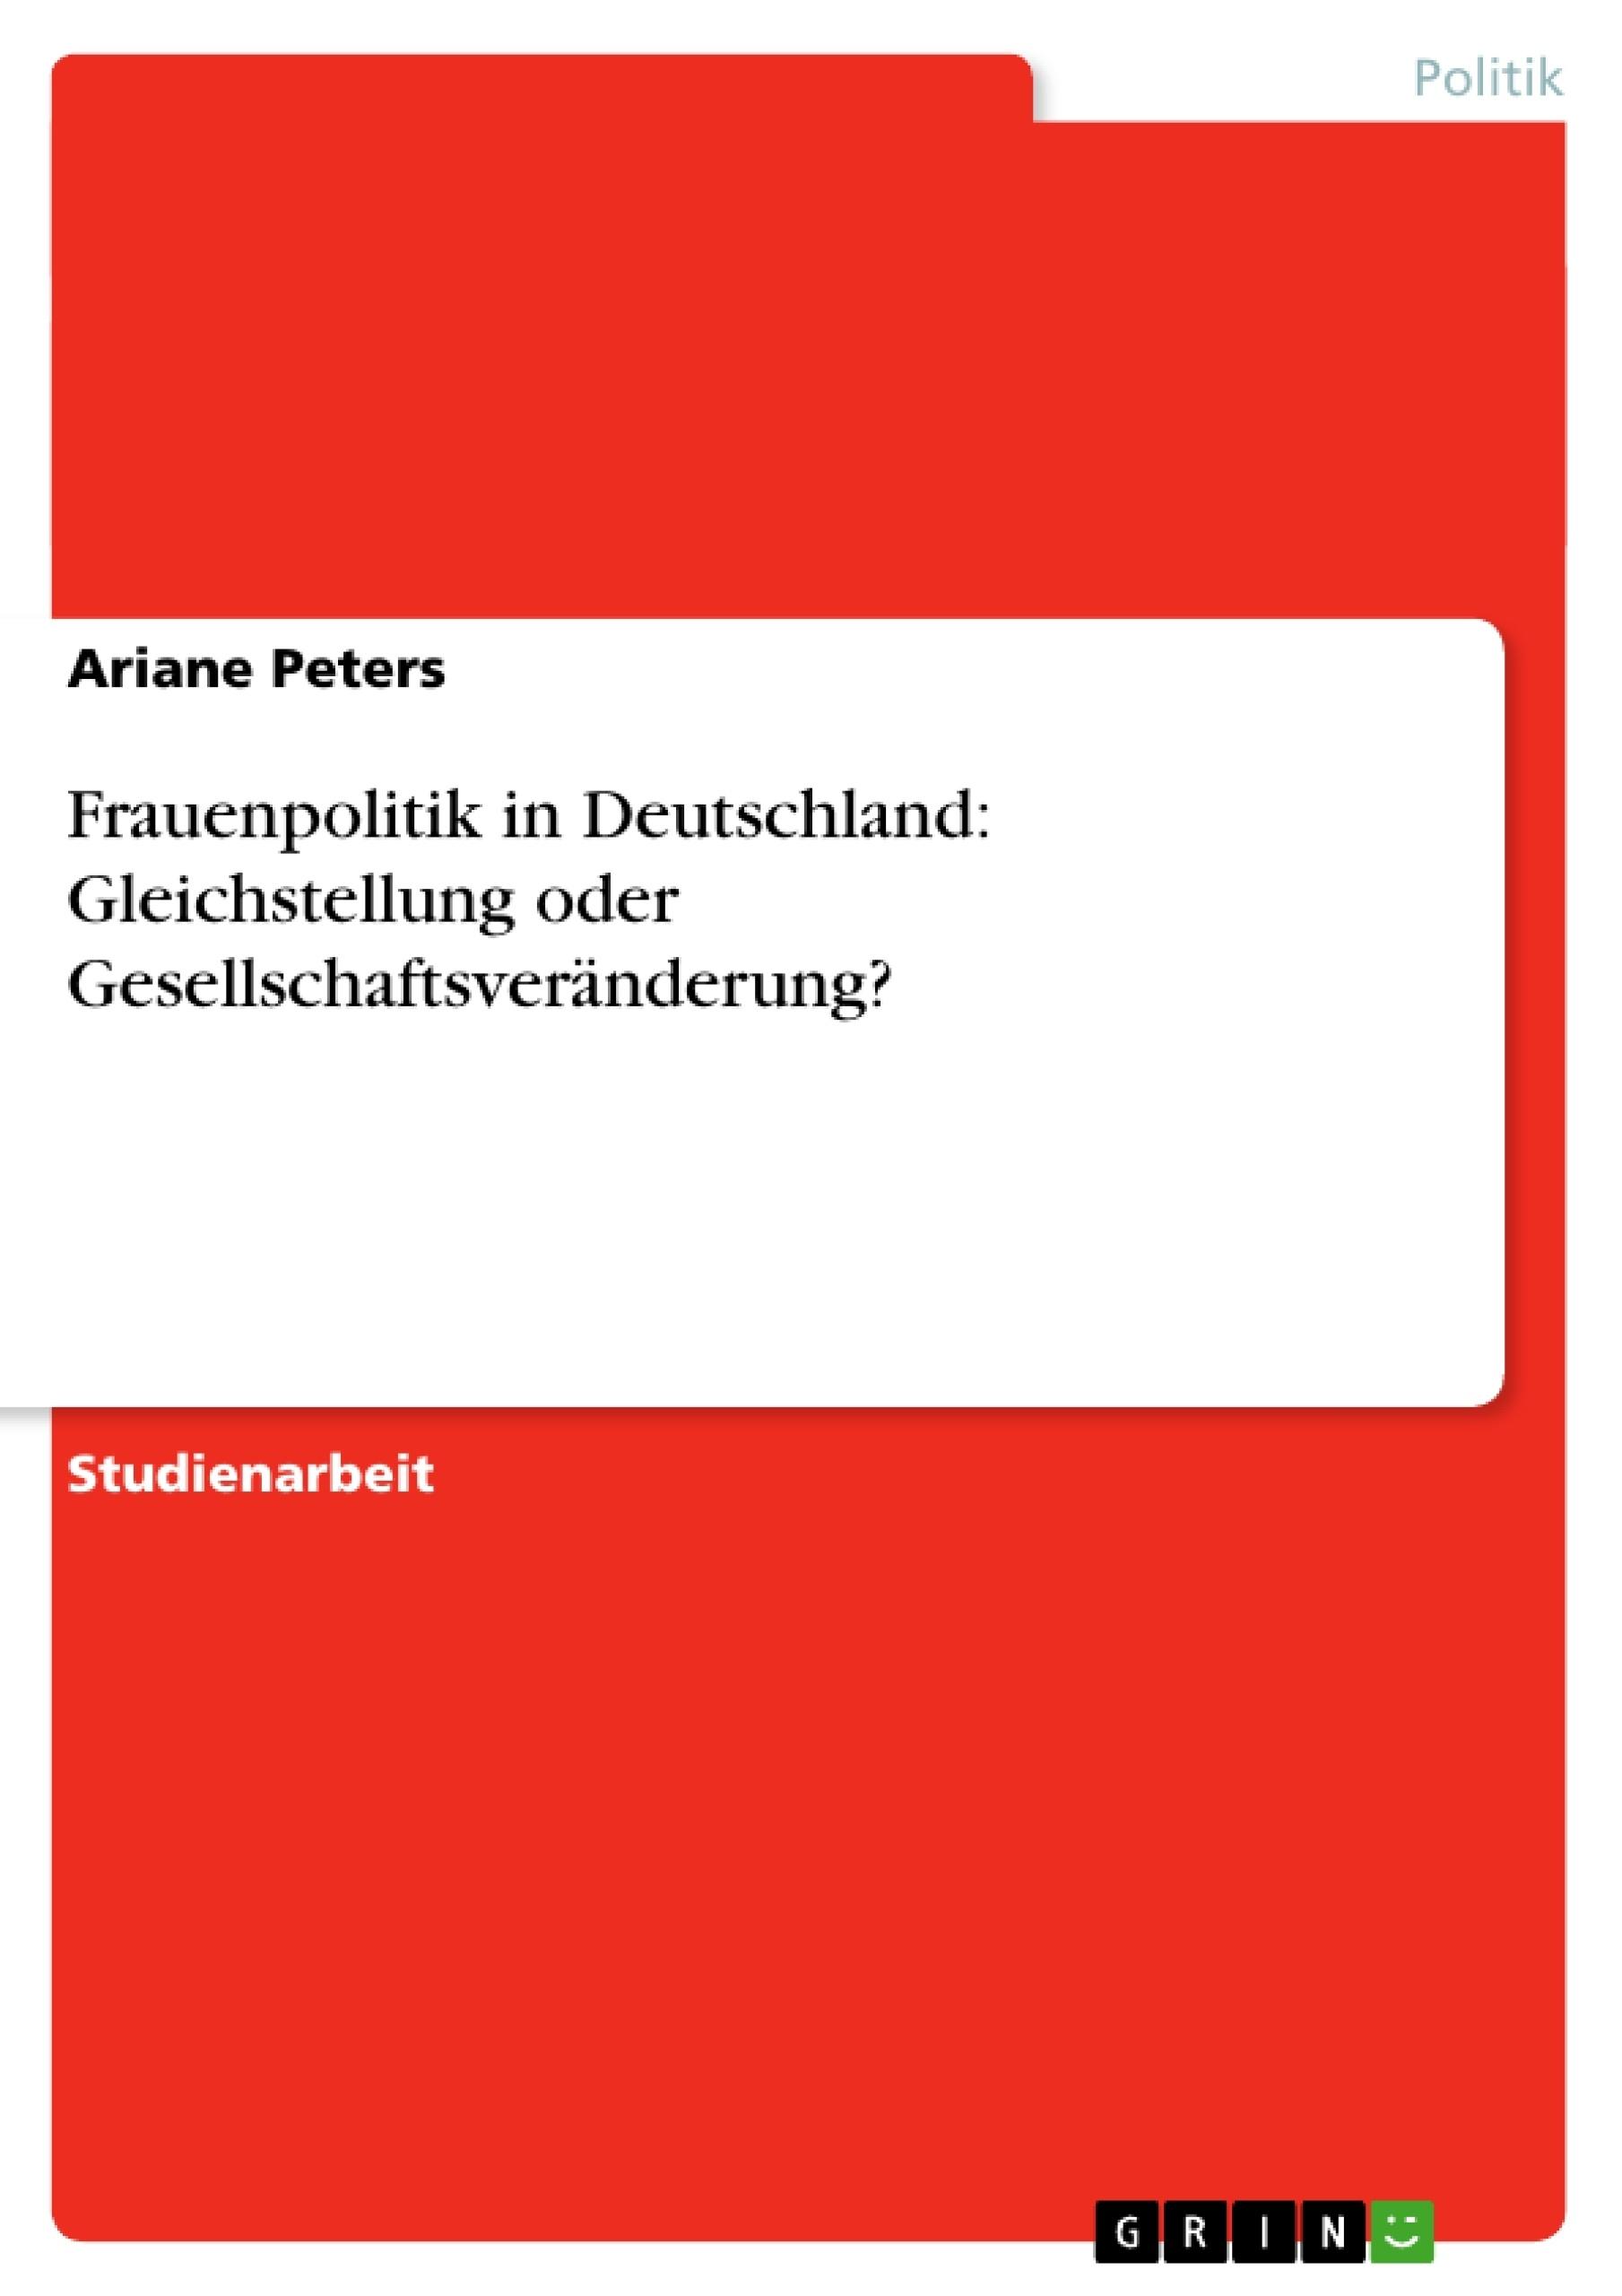 Titel: Frauenpolitik in Deutschland: Gleichstellung oder Gesellschaftsveränderung?